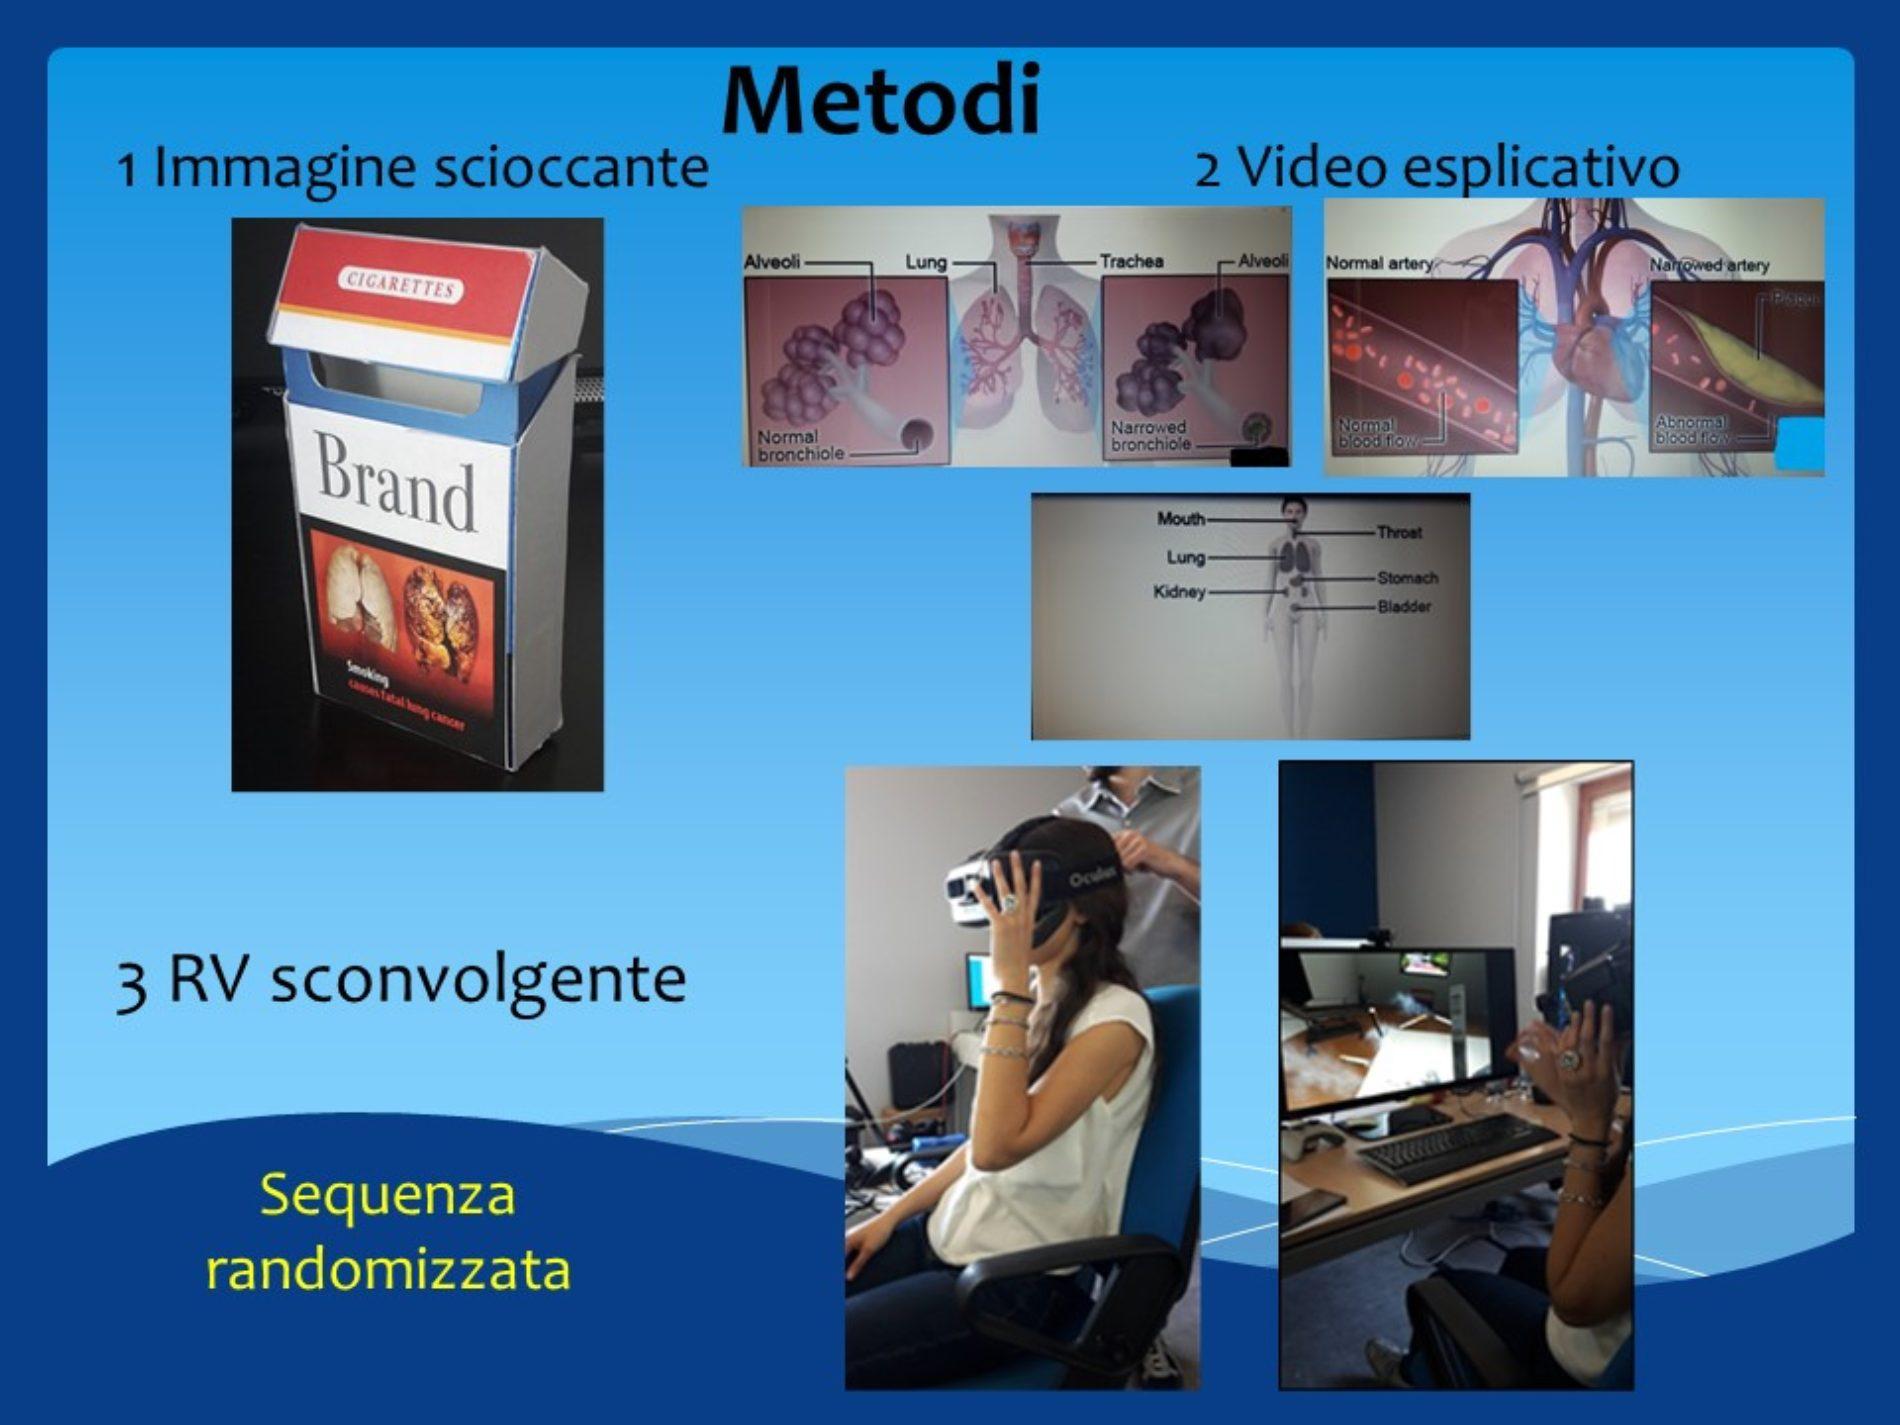 Realtà virtuale per smettere di fumare: ecco la prima tesi a supporto del metodo